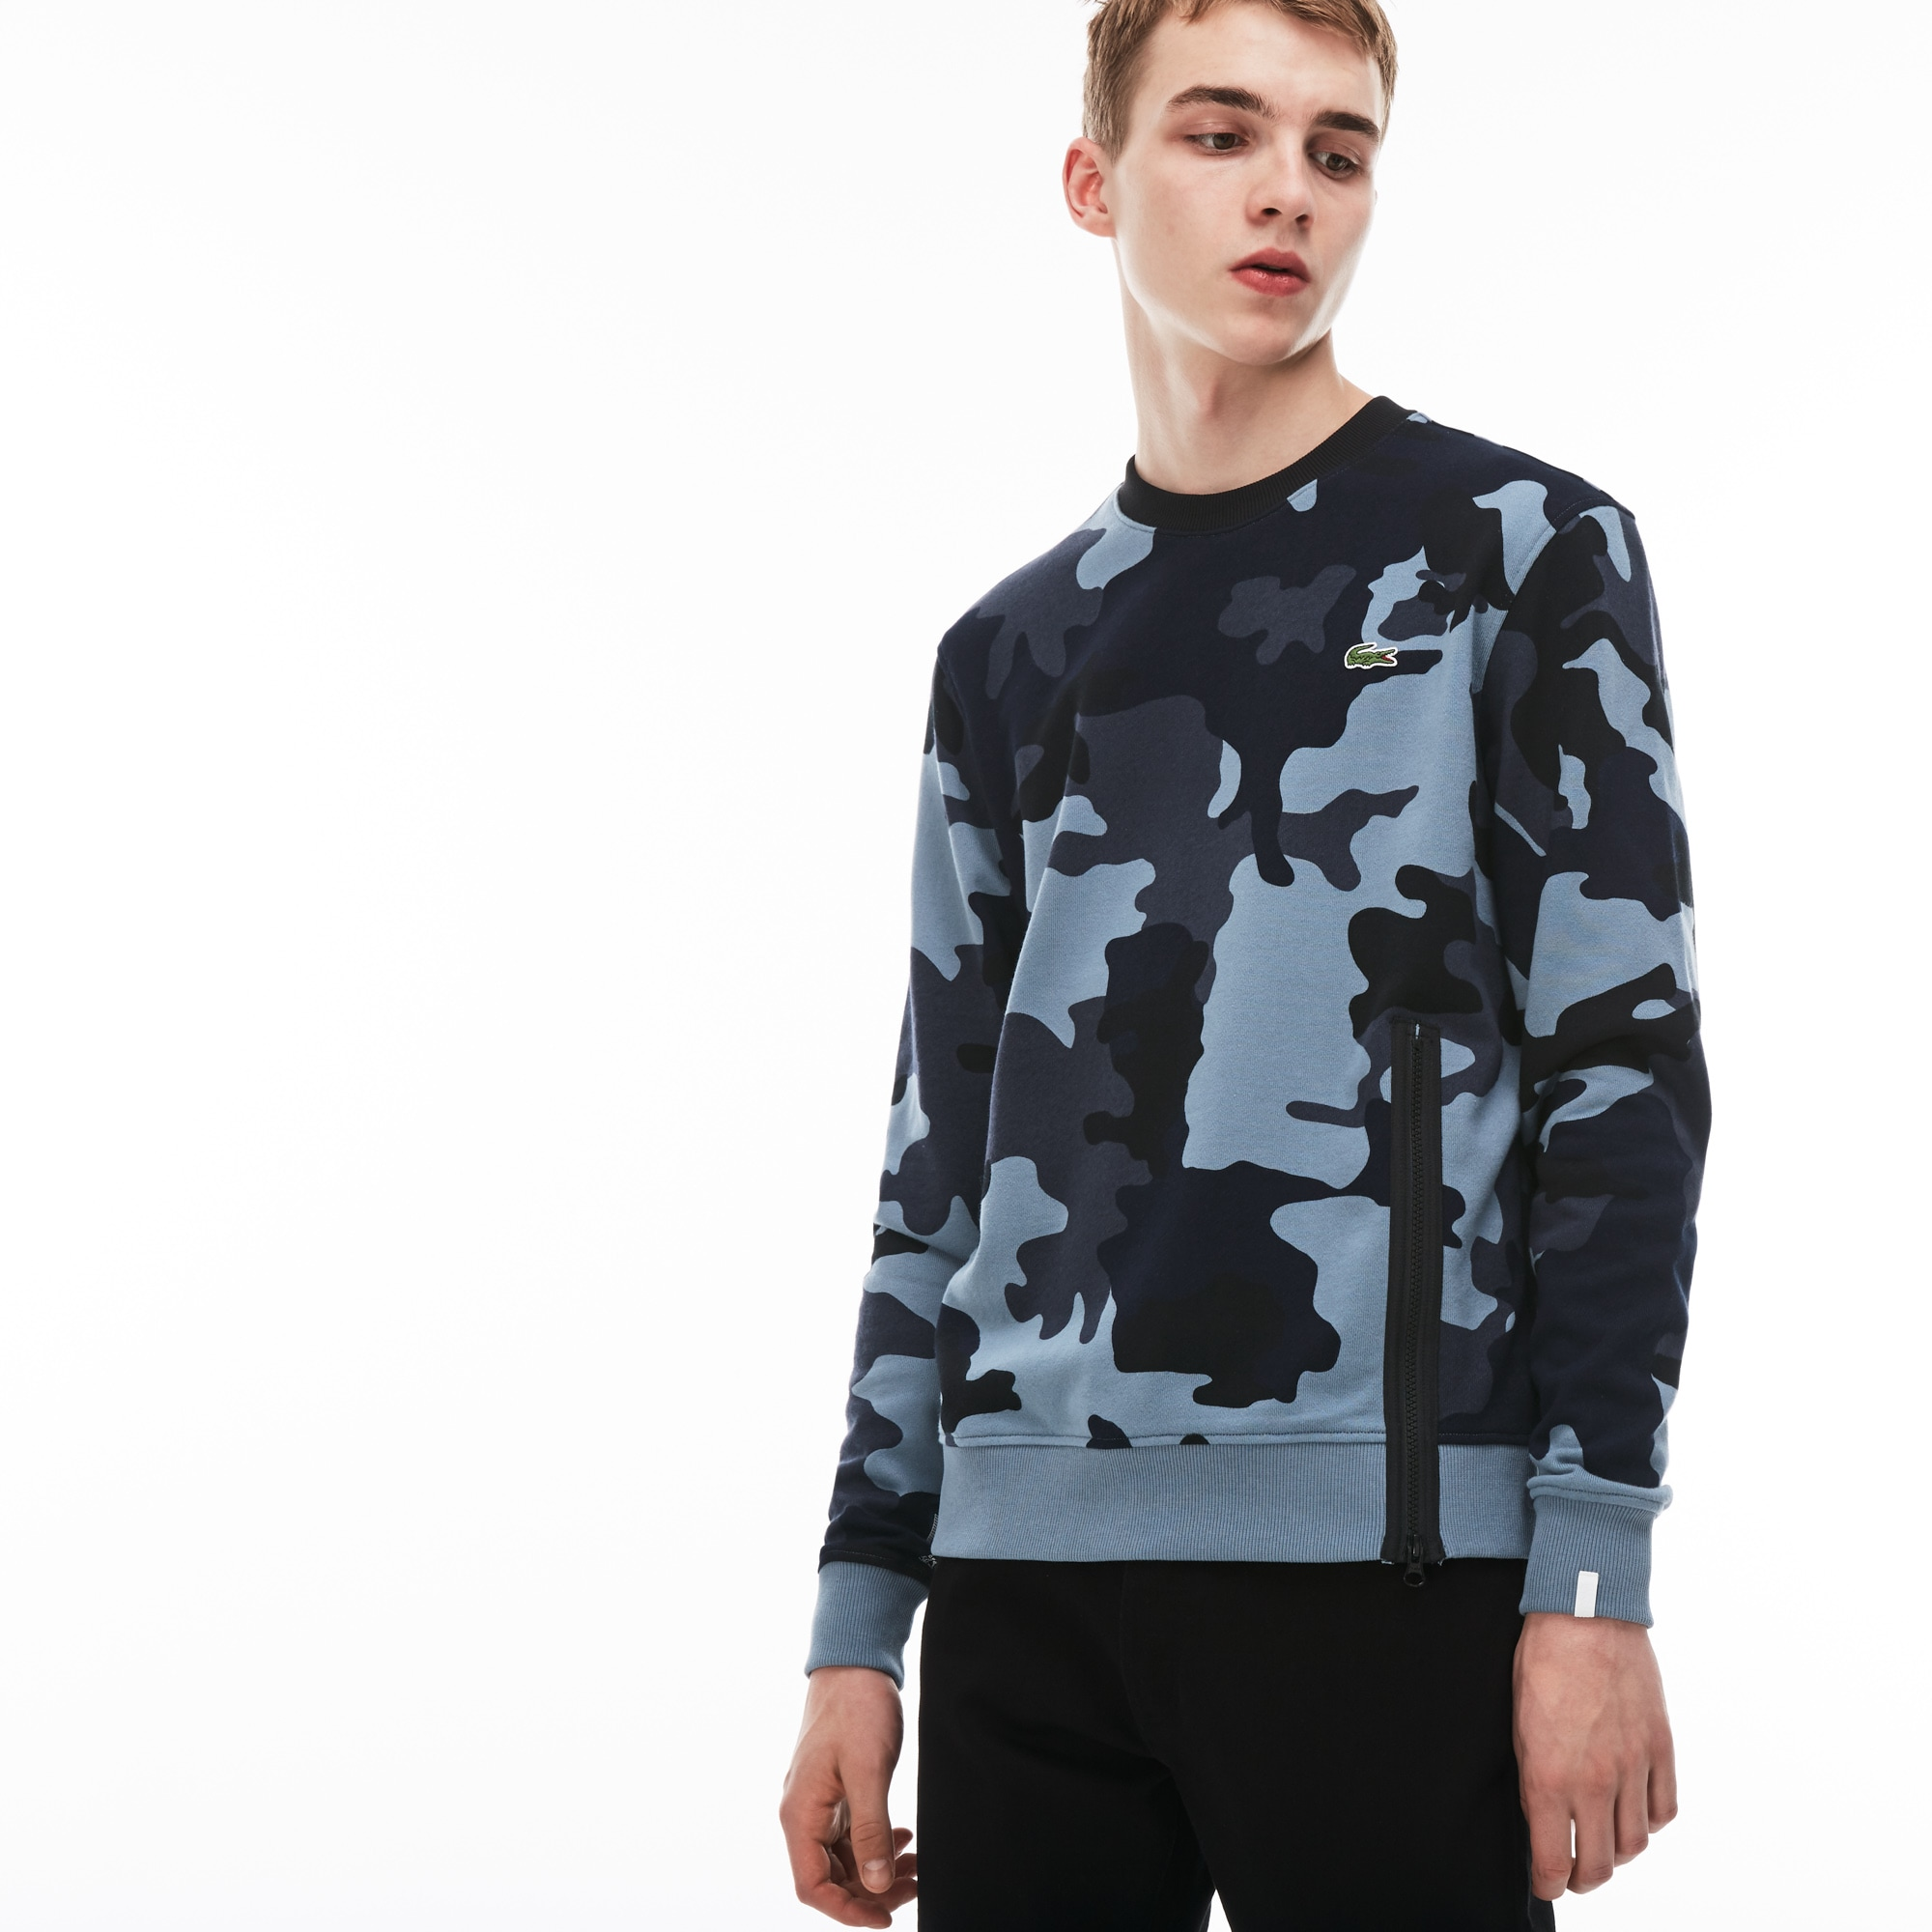 Herren-Sweatshirt aus Fleece mit Tarnmuster-Aufdruck LACOSTE L!VE